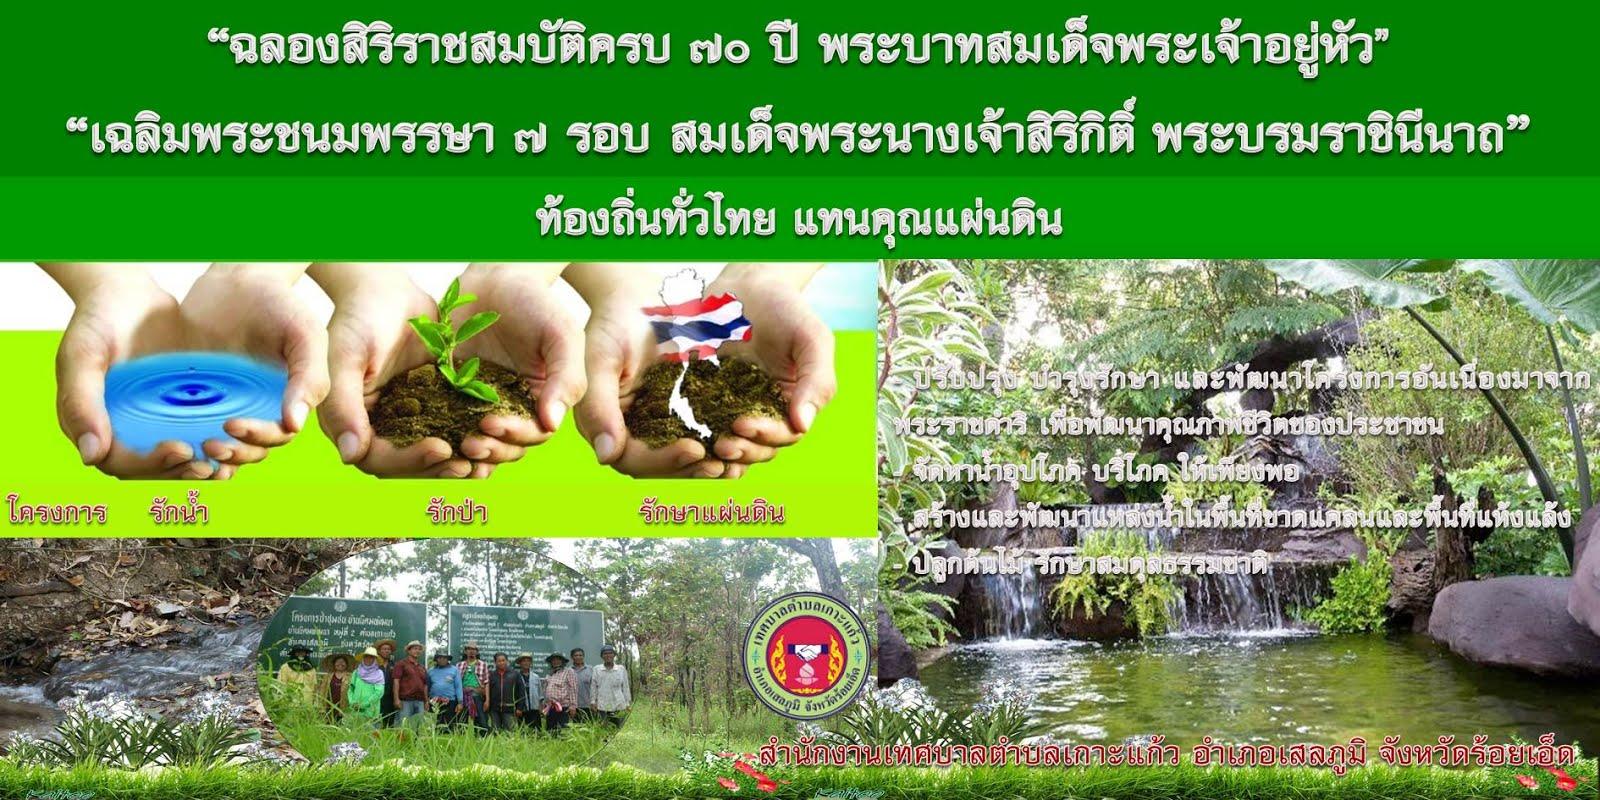 โครงการรักน้ำ รักป่า รักษาแผ่นดิน